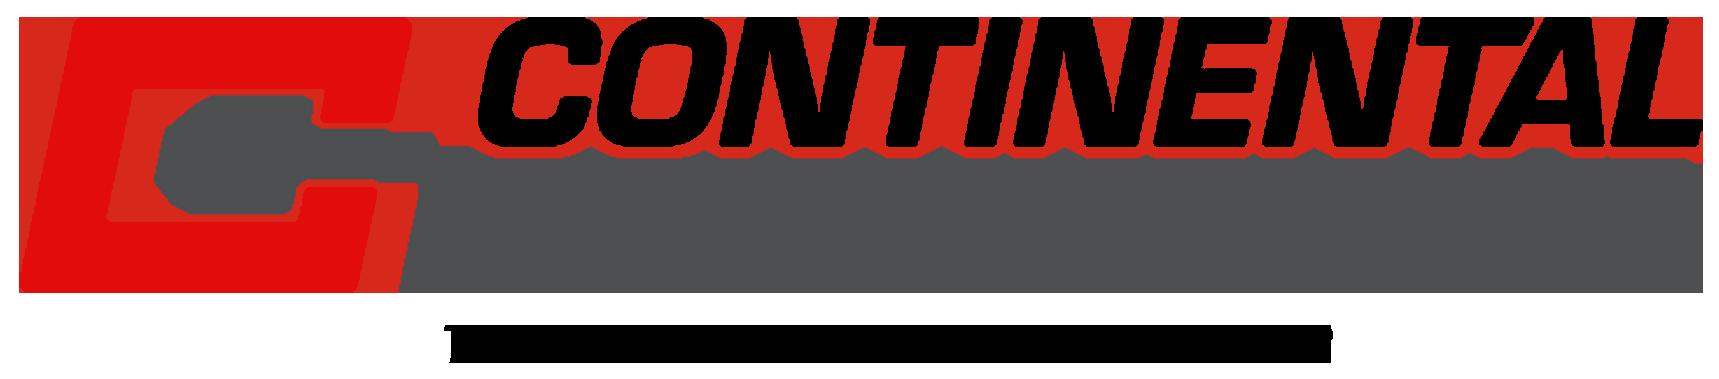 ROB024-10900-50